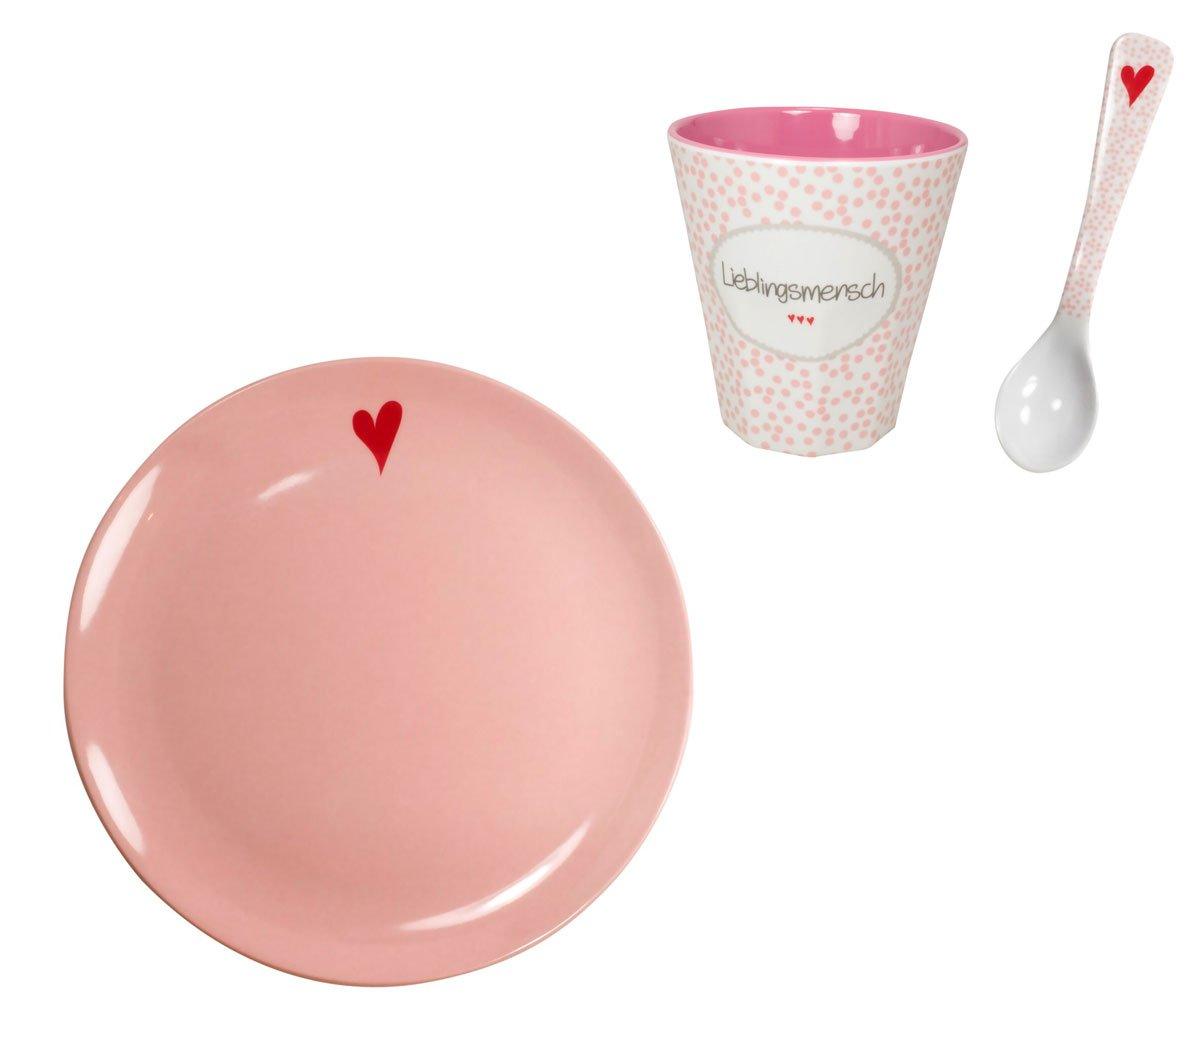 Mea Living Melamin Geschirr Set Fr/ühst/ücksset Lieblingsmensch rosa M/üslischale und Becher 450 ml